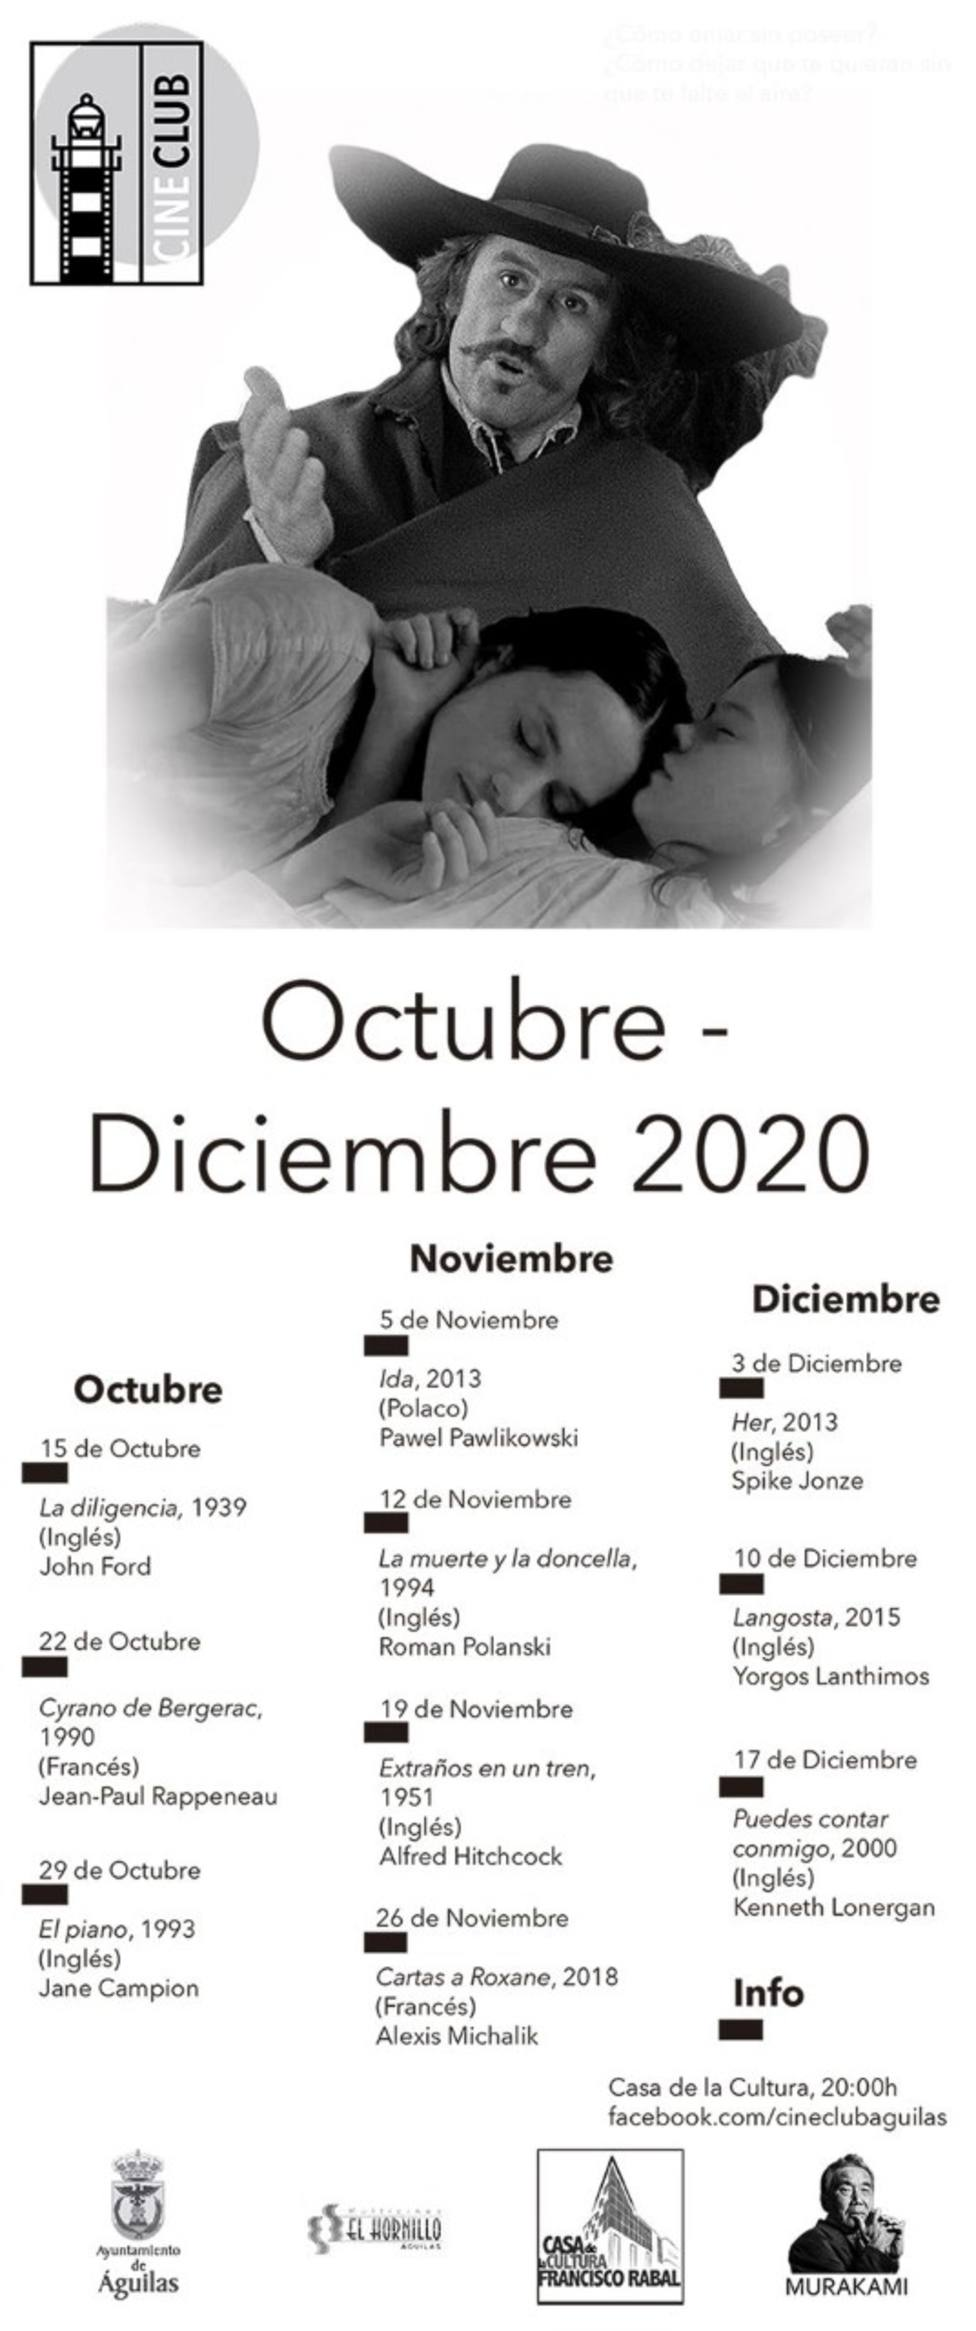 El próximo 15 de octubre comienza un nuevo ciclo del Cineclub Águilas